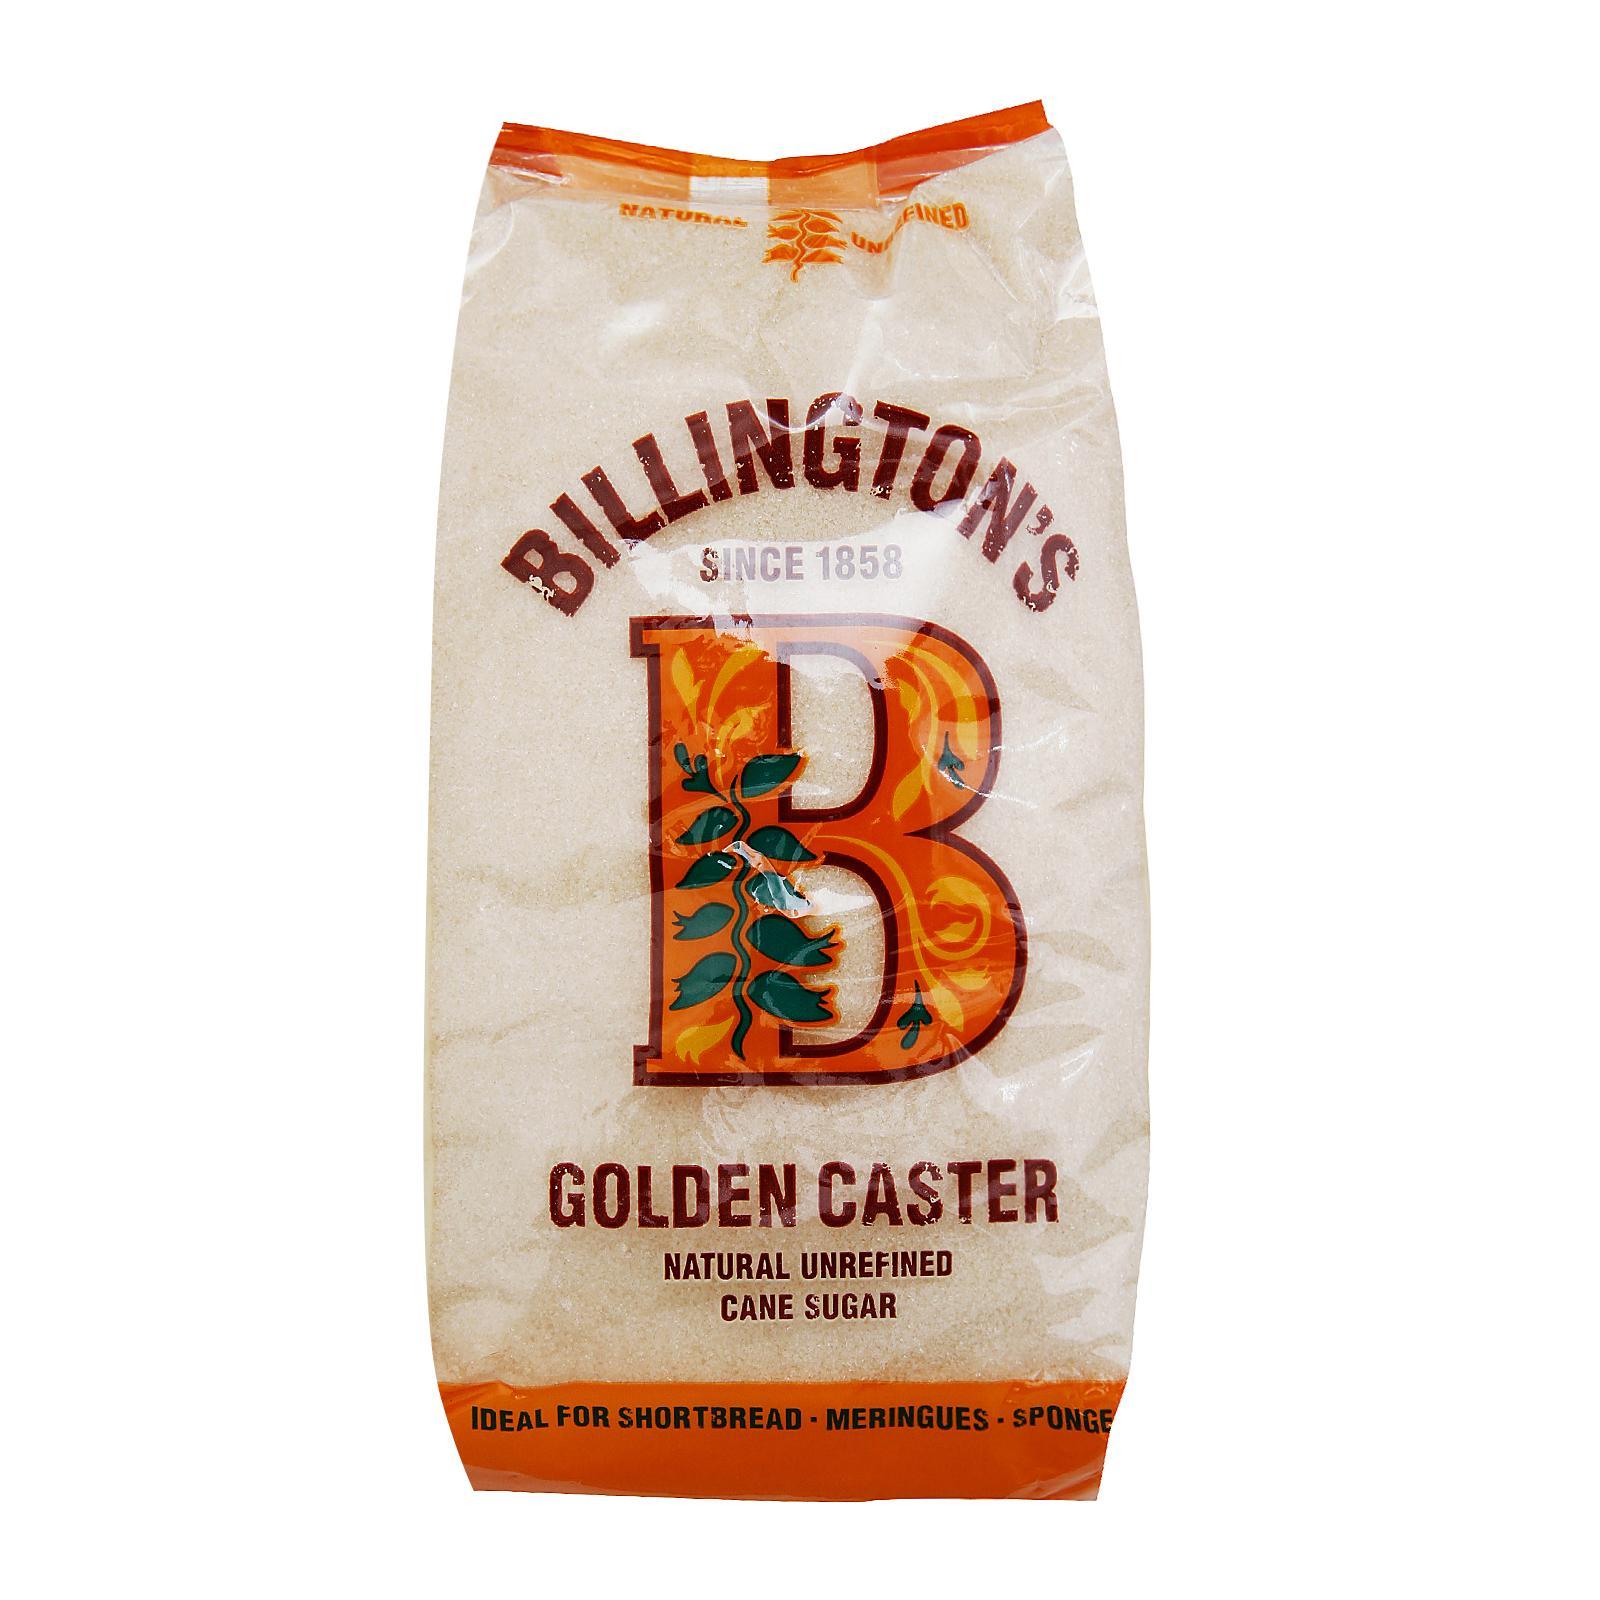 Billingtons Golden Caster Unrefined Cane Sugar By Redmart.